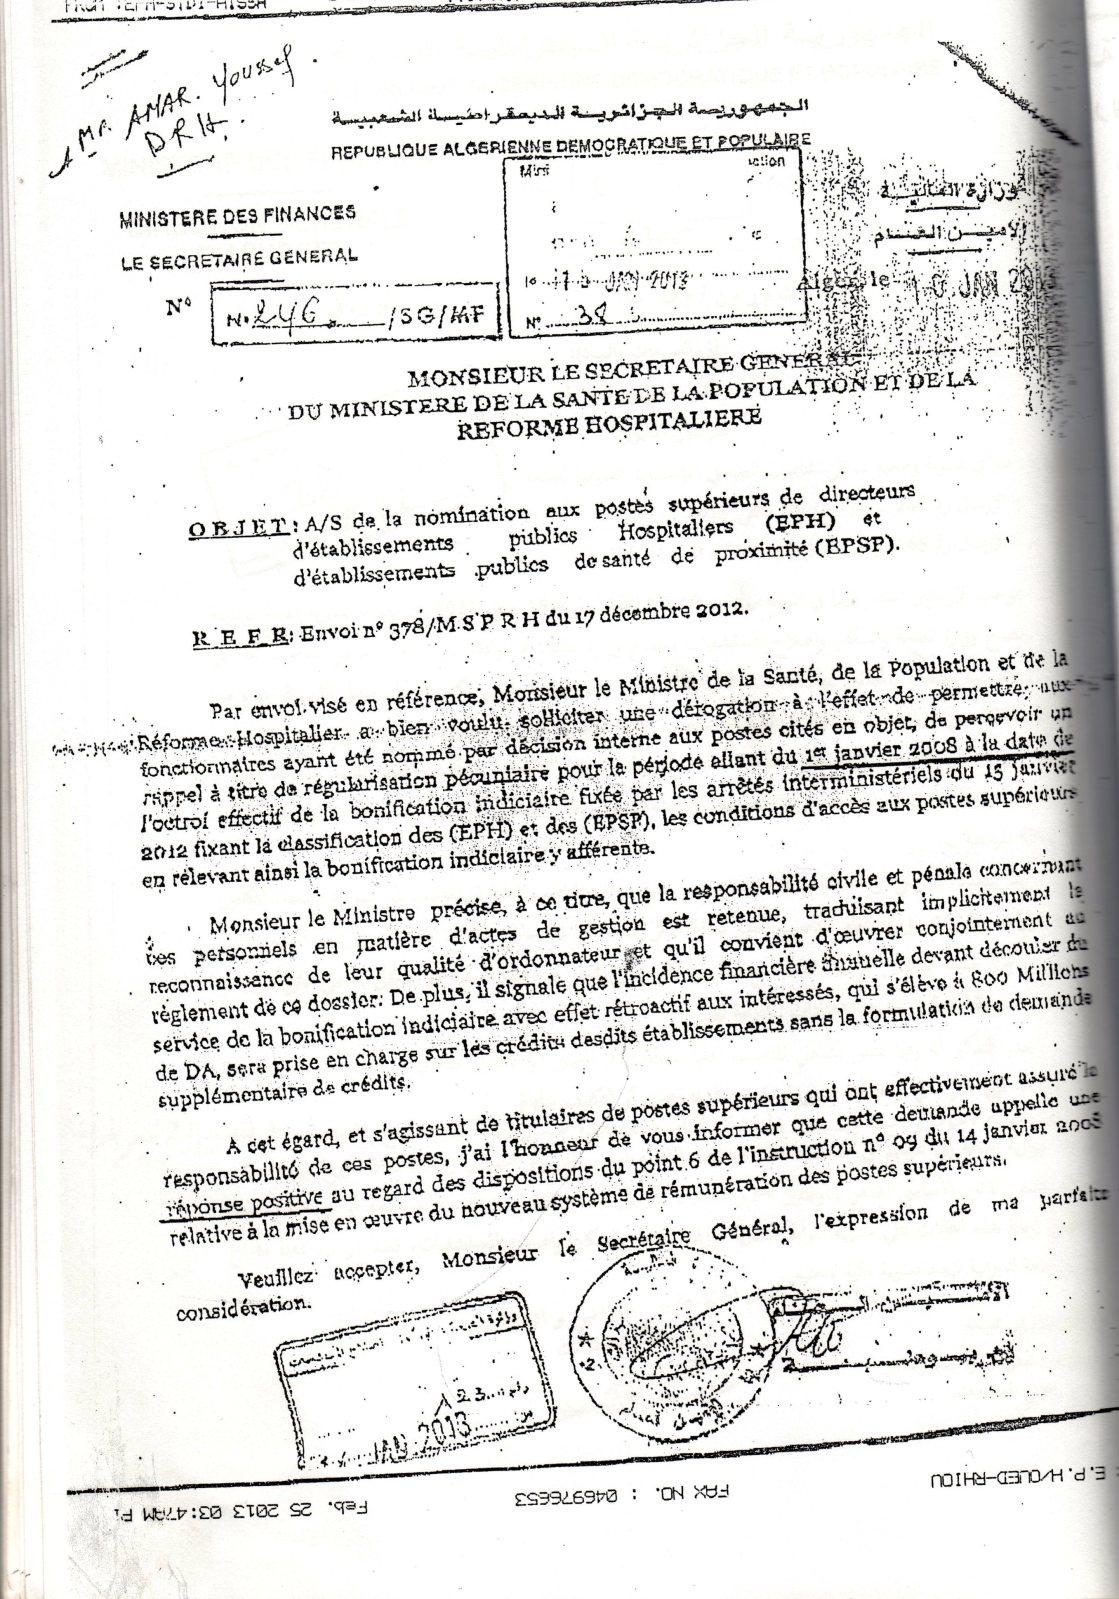 المراسلات الصادرة عن المديرية العامة للميزانية - صفحة 2 T0rxc9